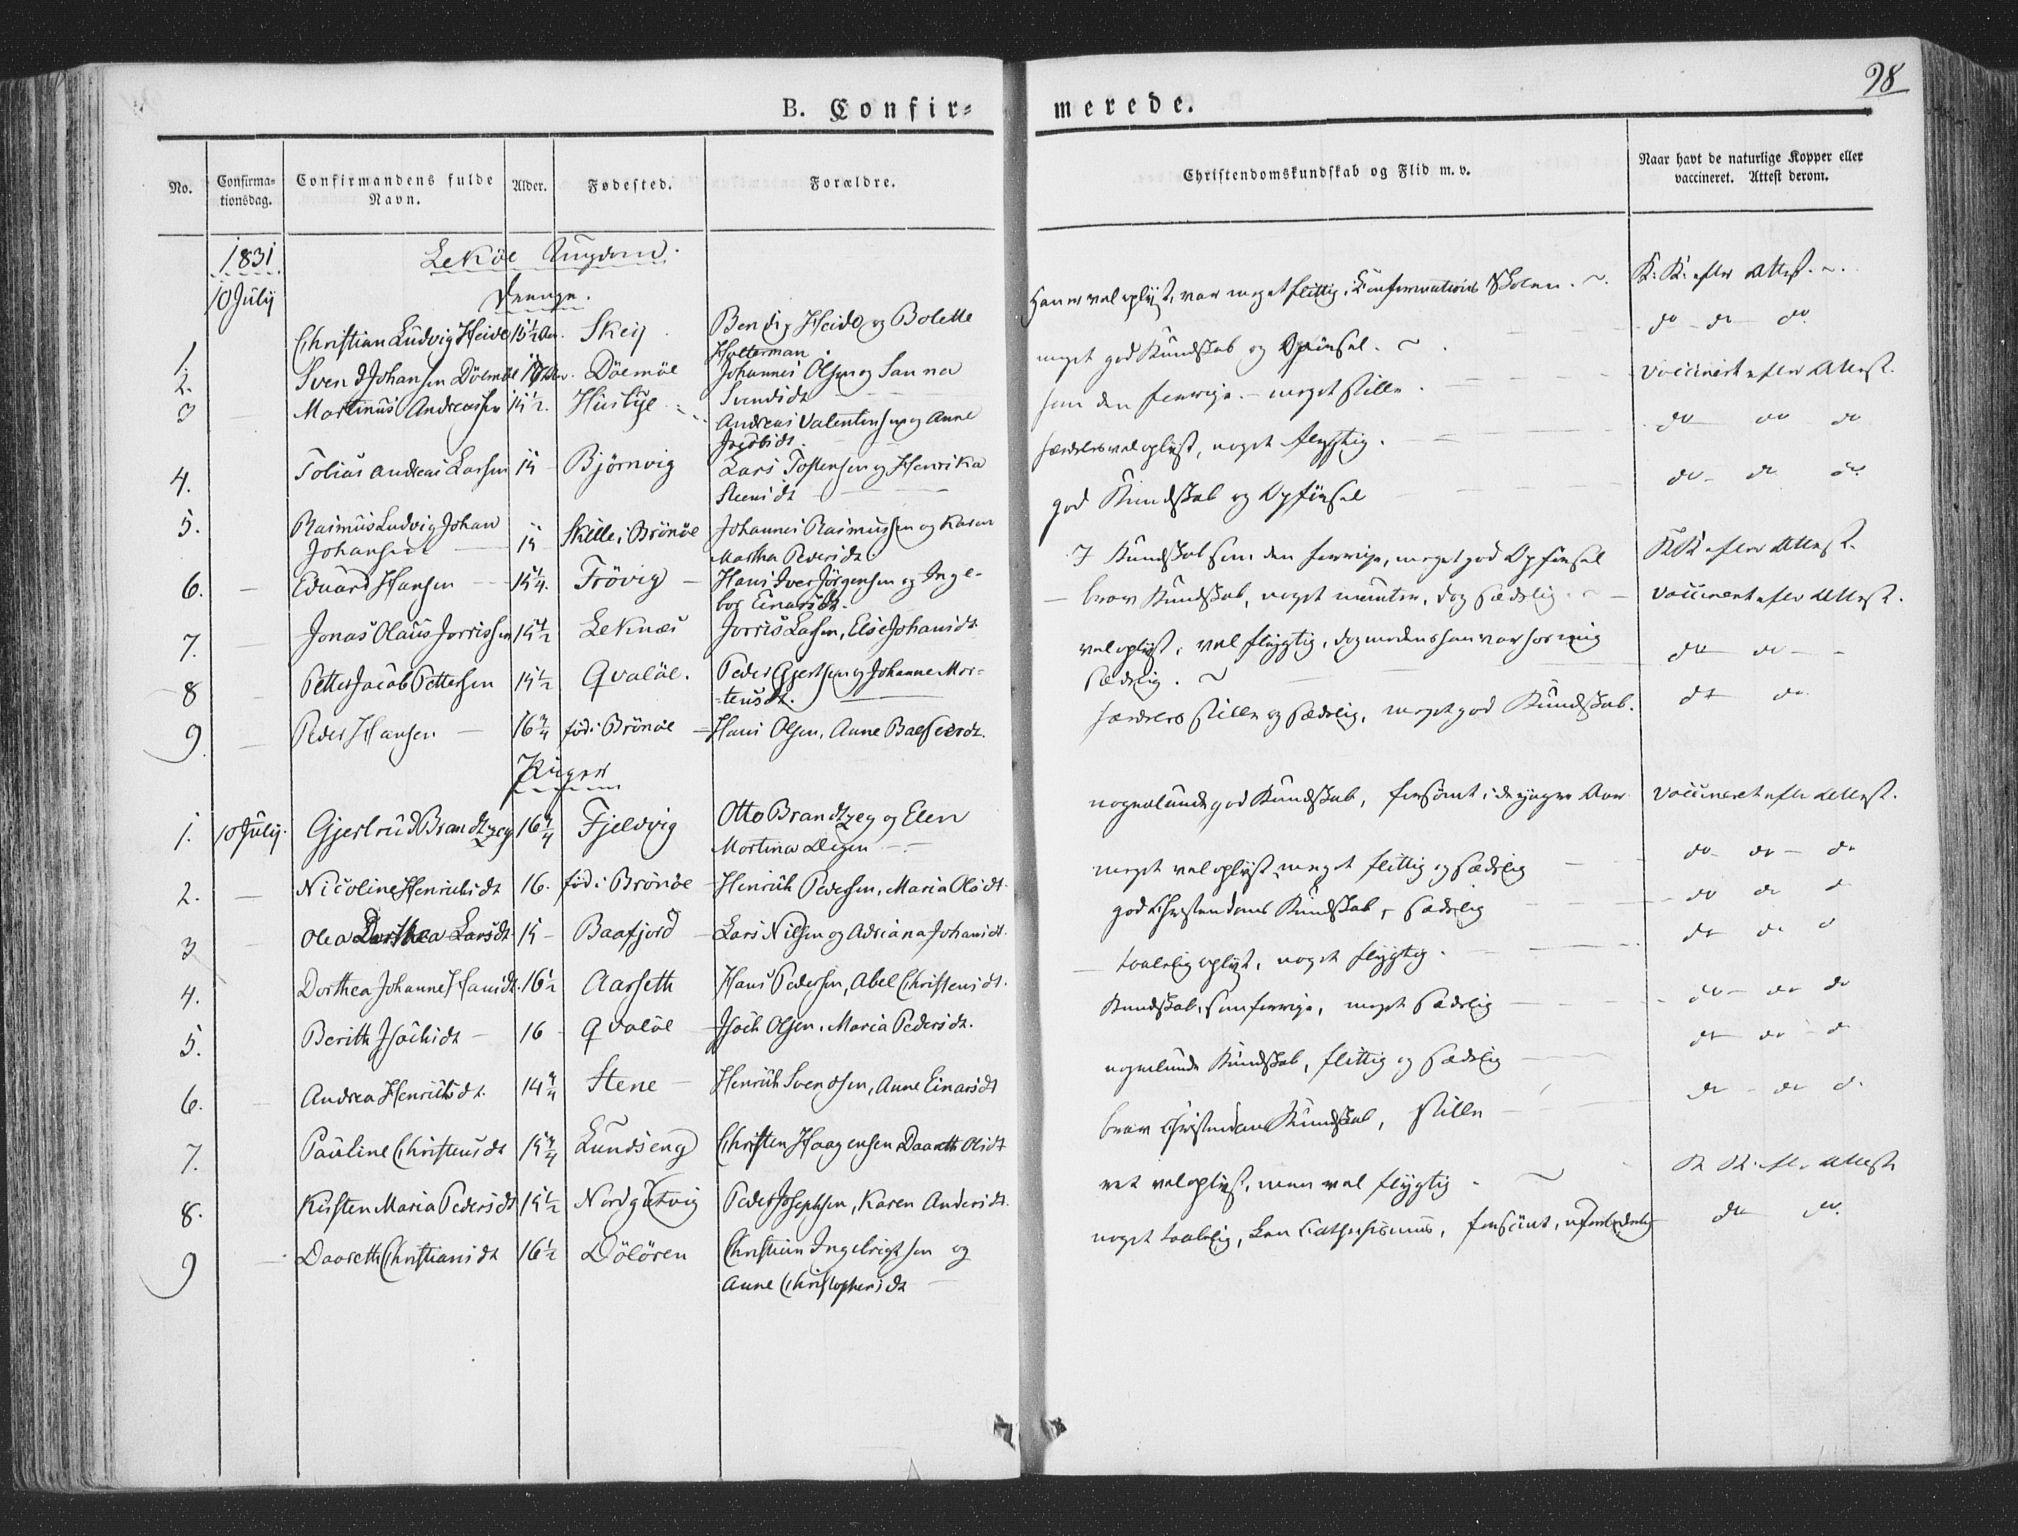 SAT, Ministerialprotokoller, klokkerbøker og fødselsregistre - Nord-Trøndelag, 780/L0639: Ministerialbok nr. 780A04, 1830-1844, s. 98